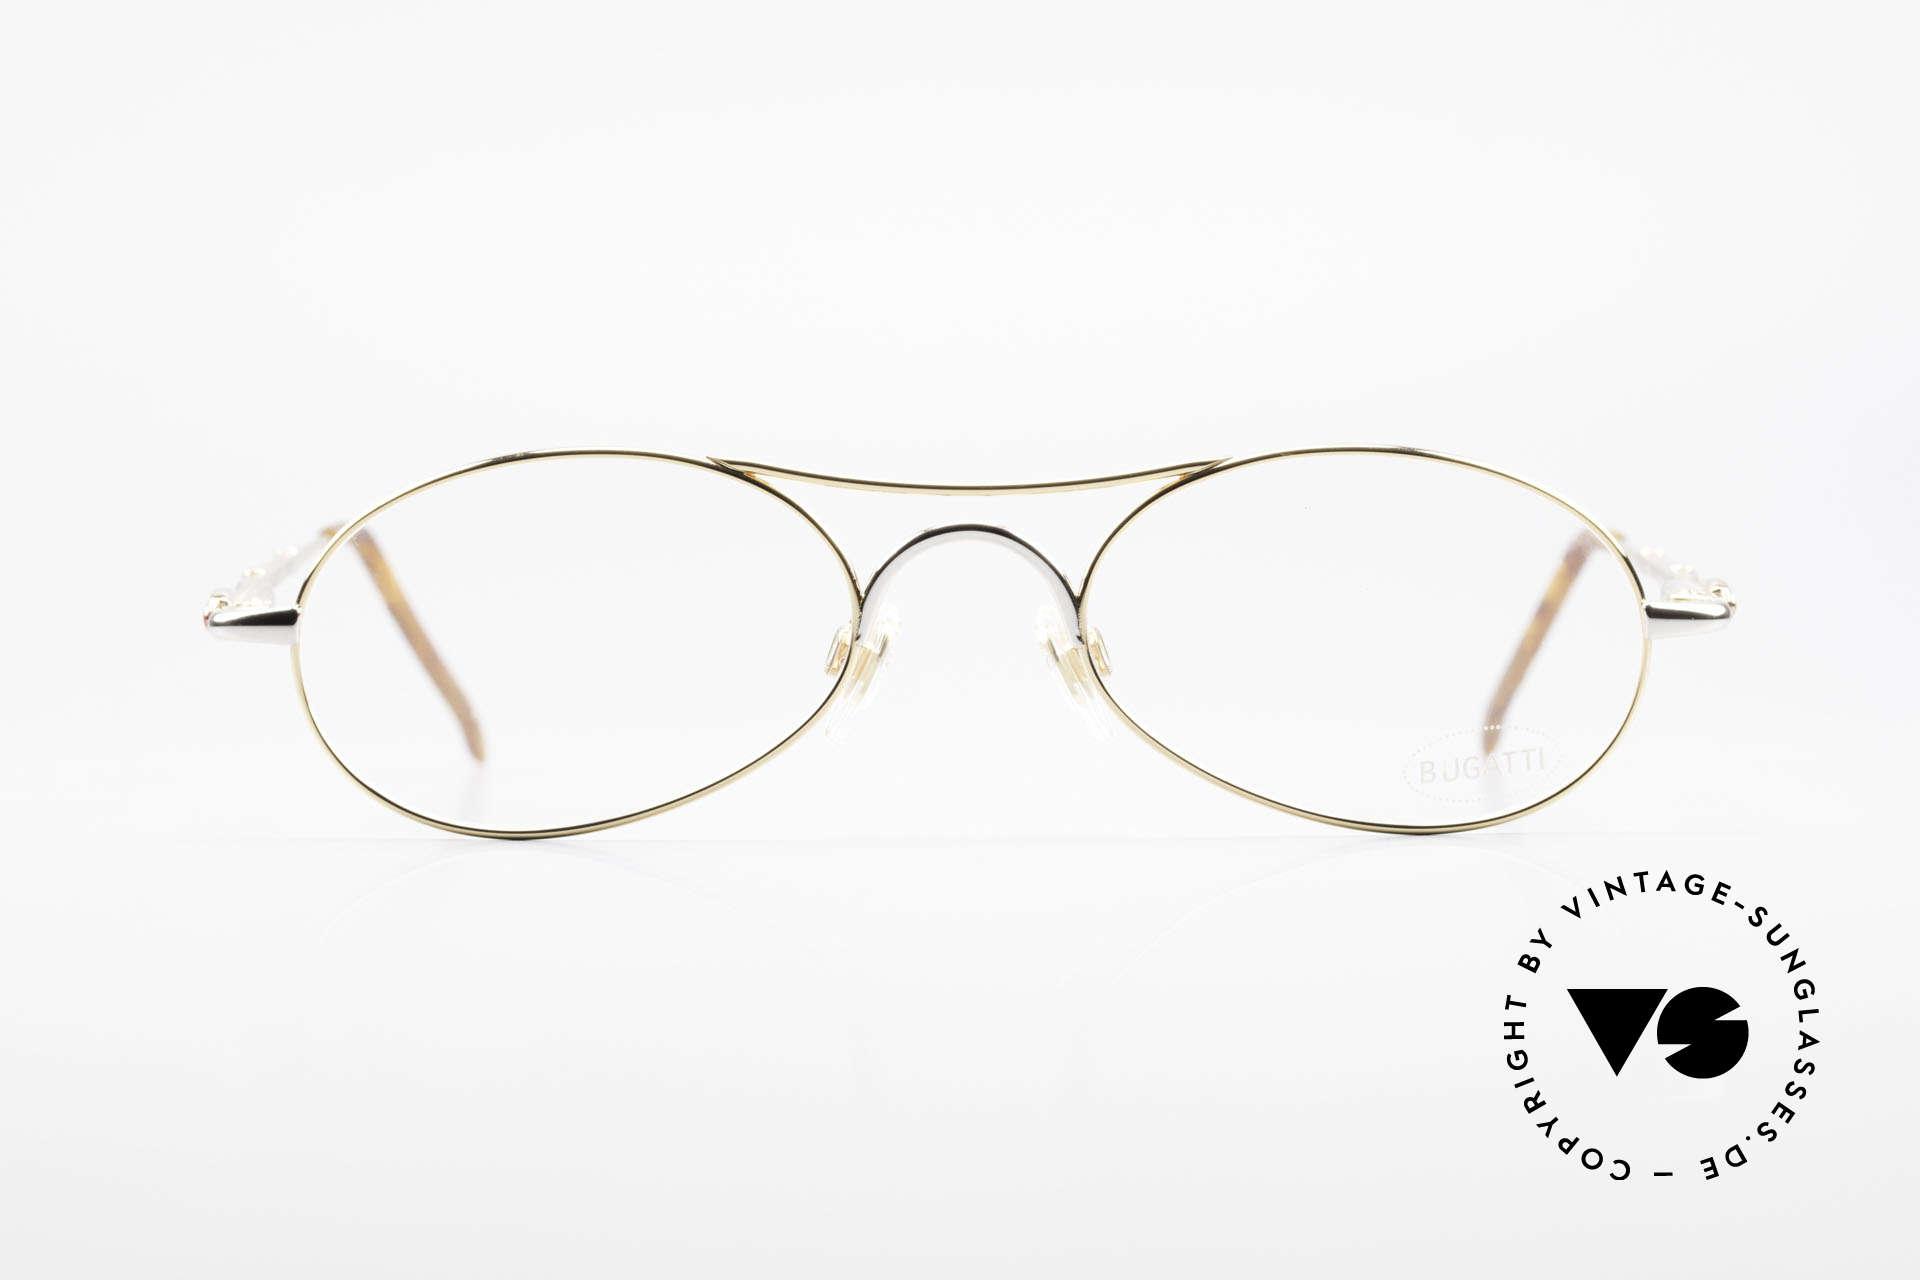 Bugatti 10608 90's Luxury Men's Eyeglasses, ergonomic frame design (1st class wearing comfort), Made for Men